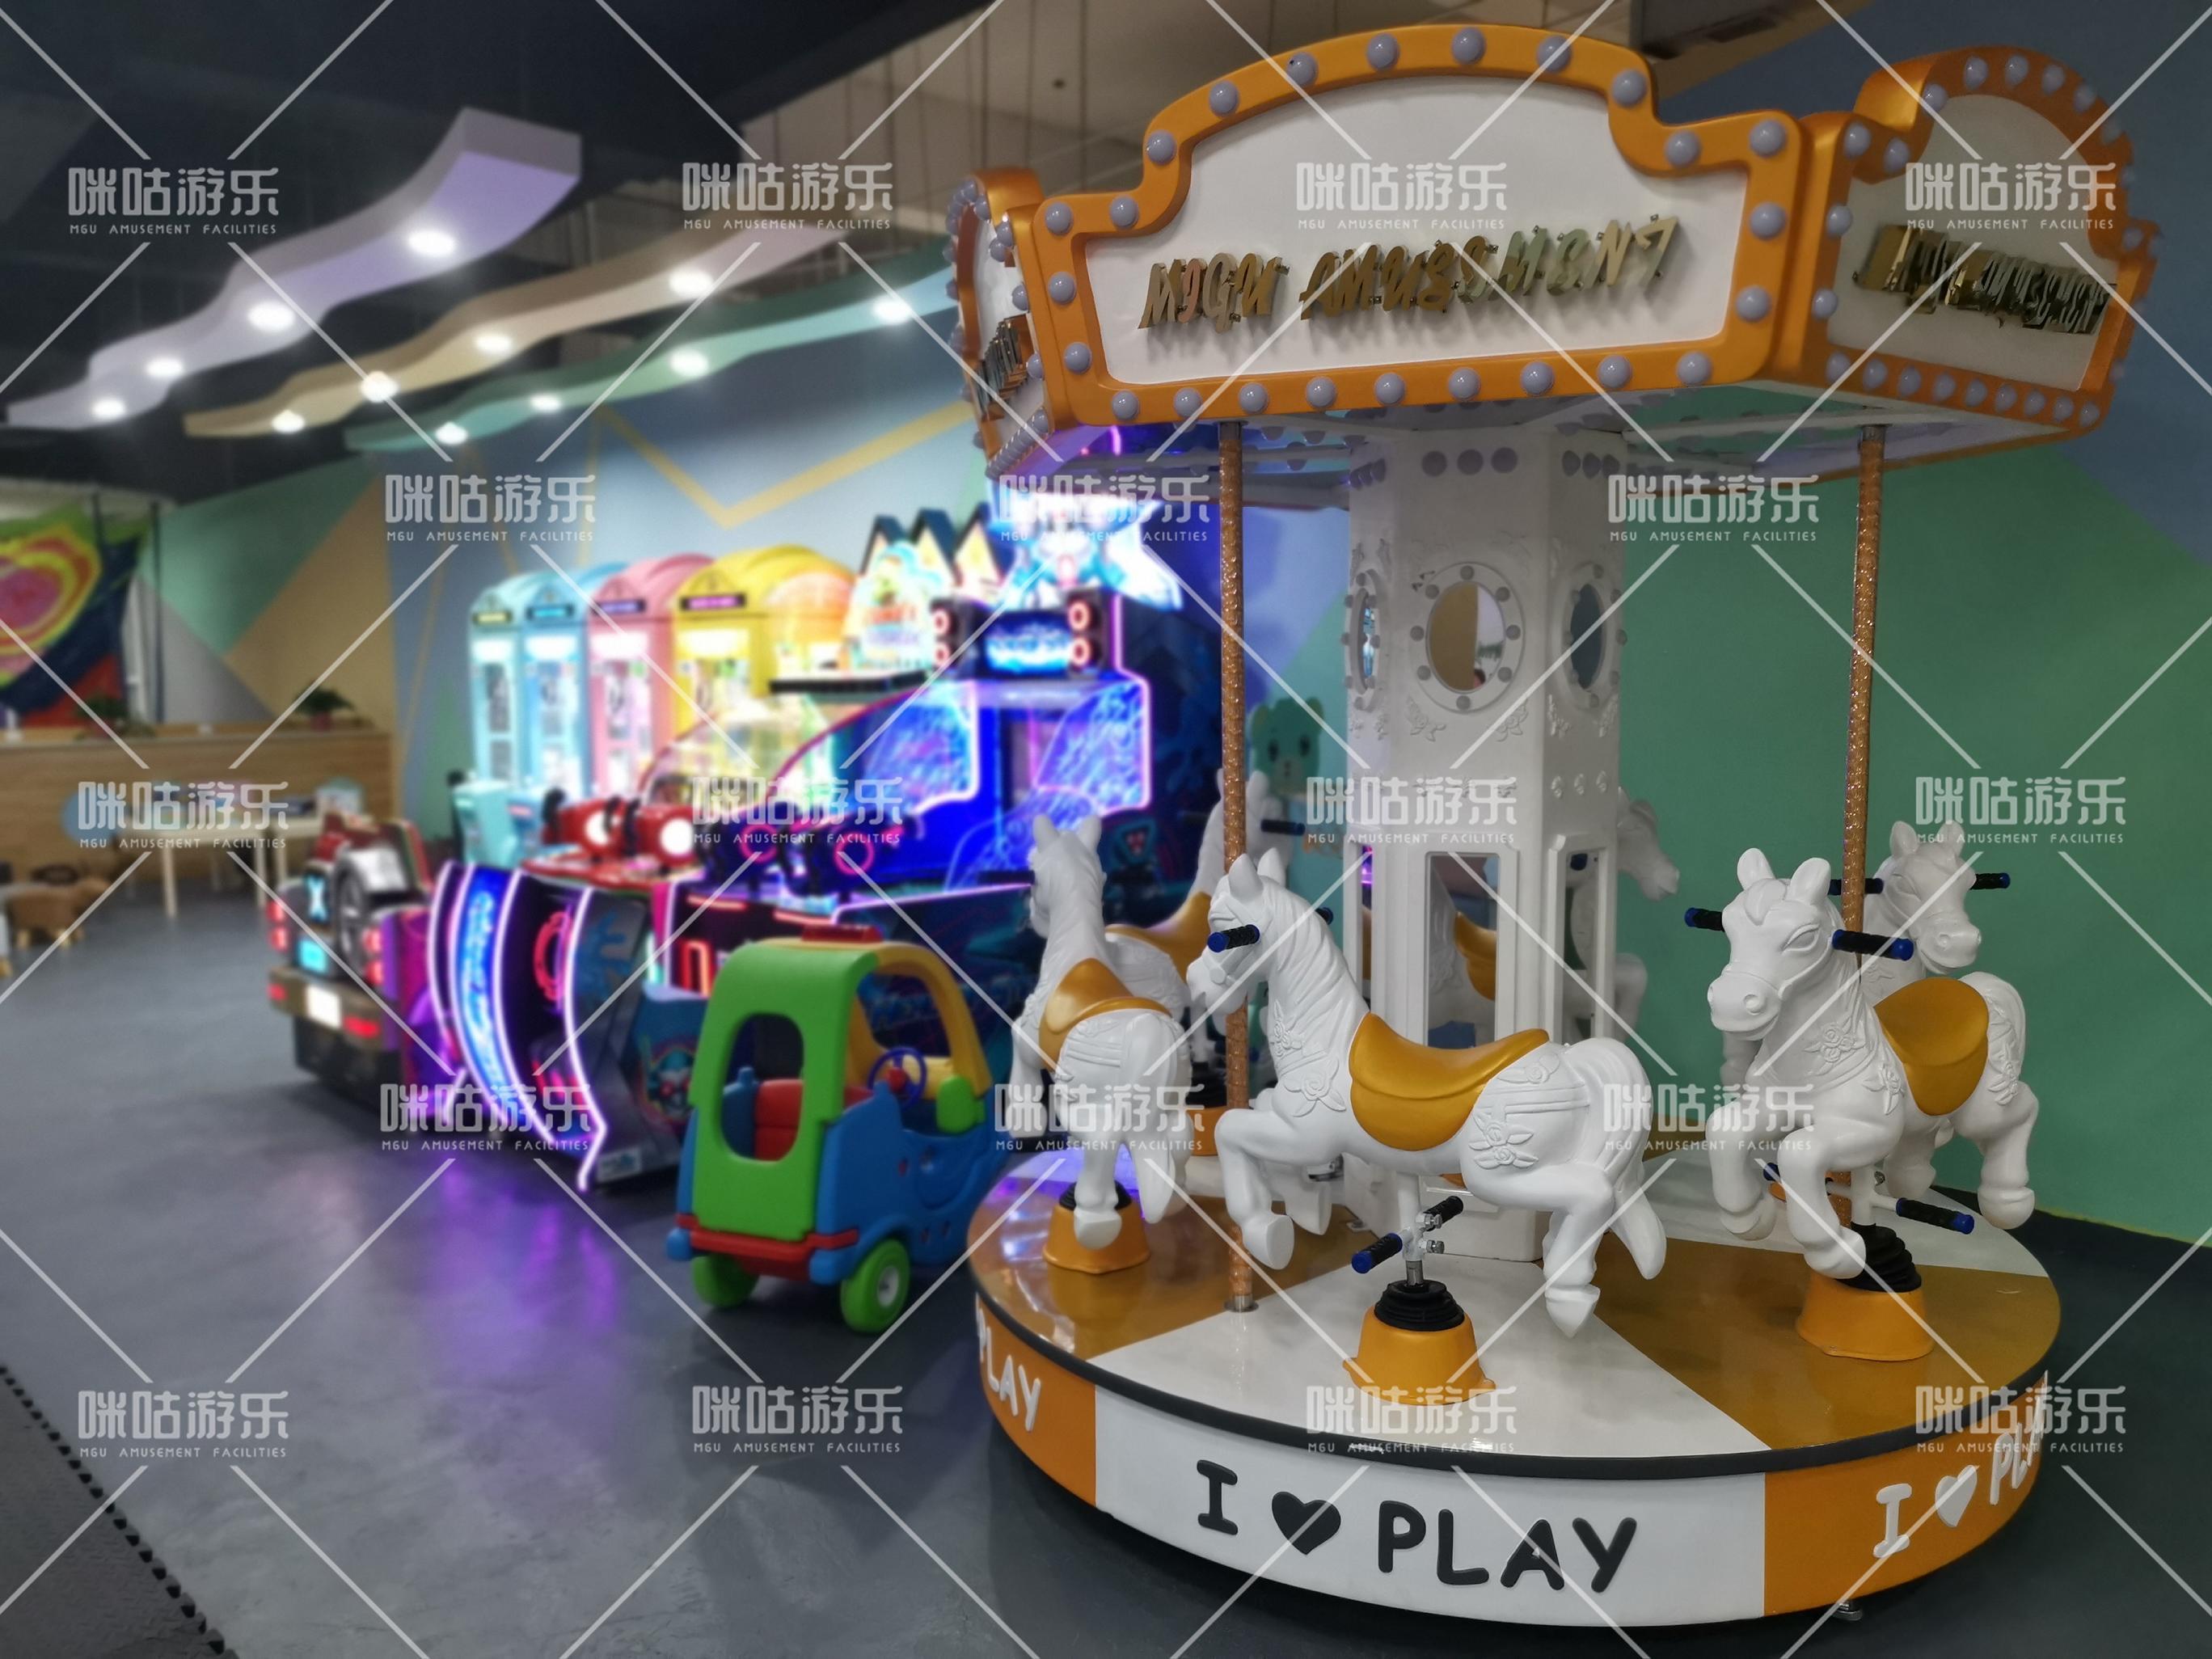 微信图片_20200429155907.jpg 定西亲子儿童乐园加盟 加盟资讯 游乐设备第2张